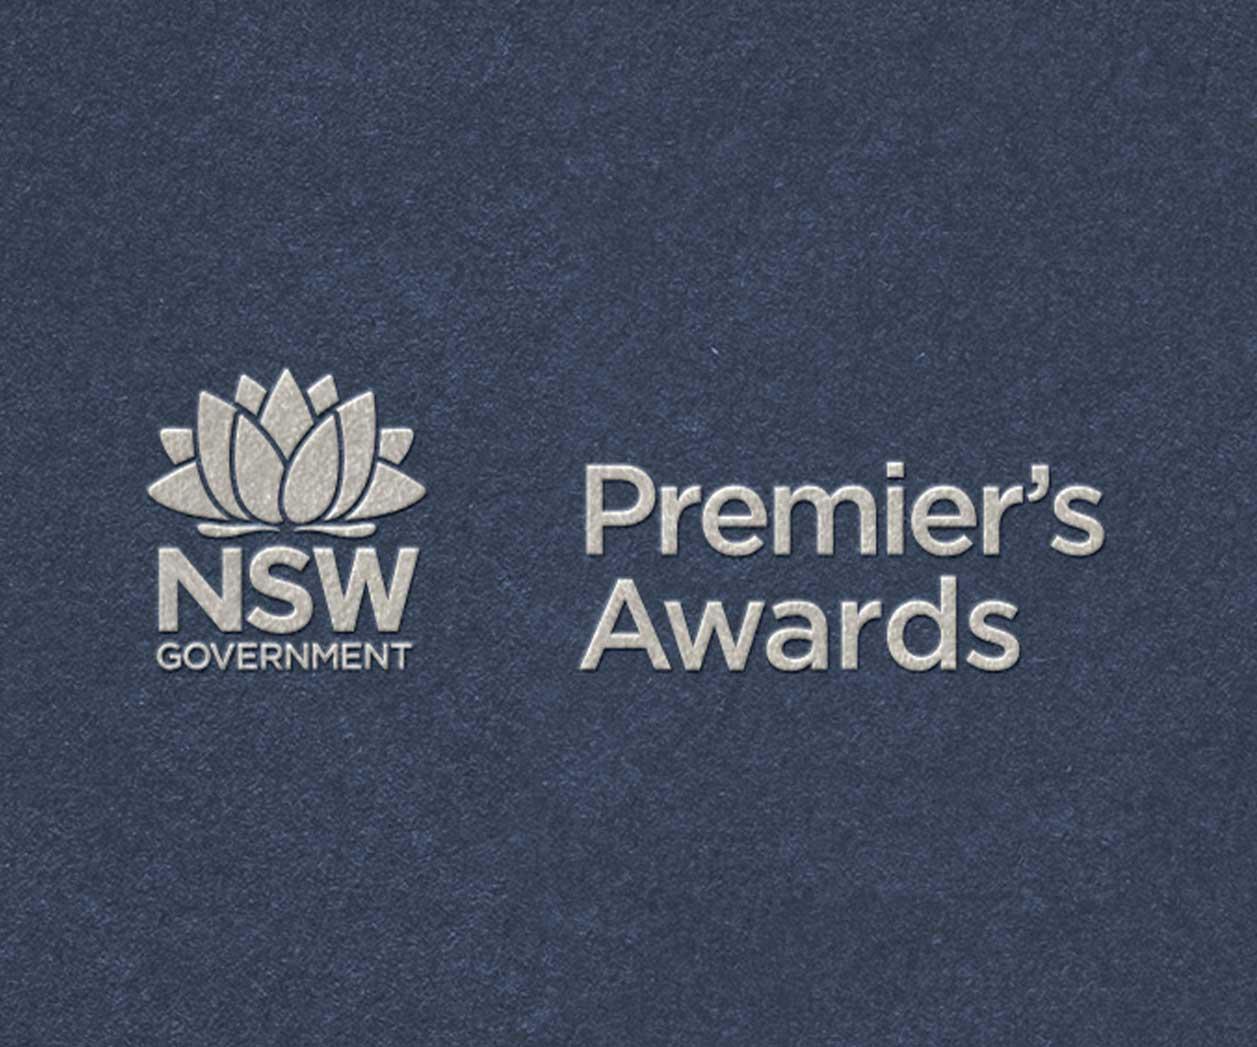 Premier's Awards 2019